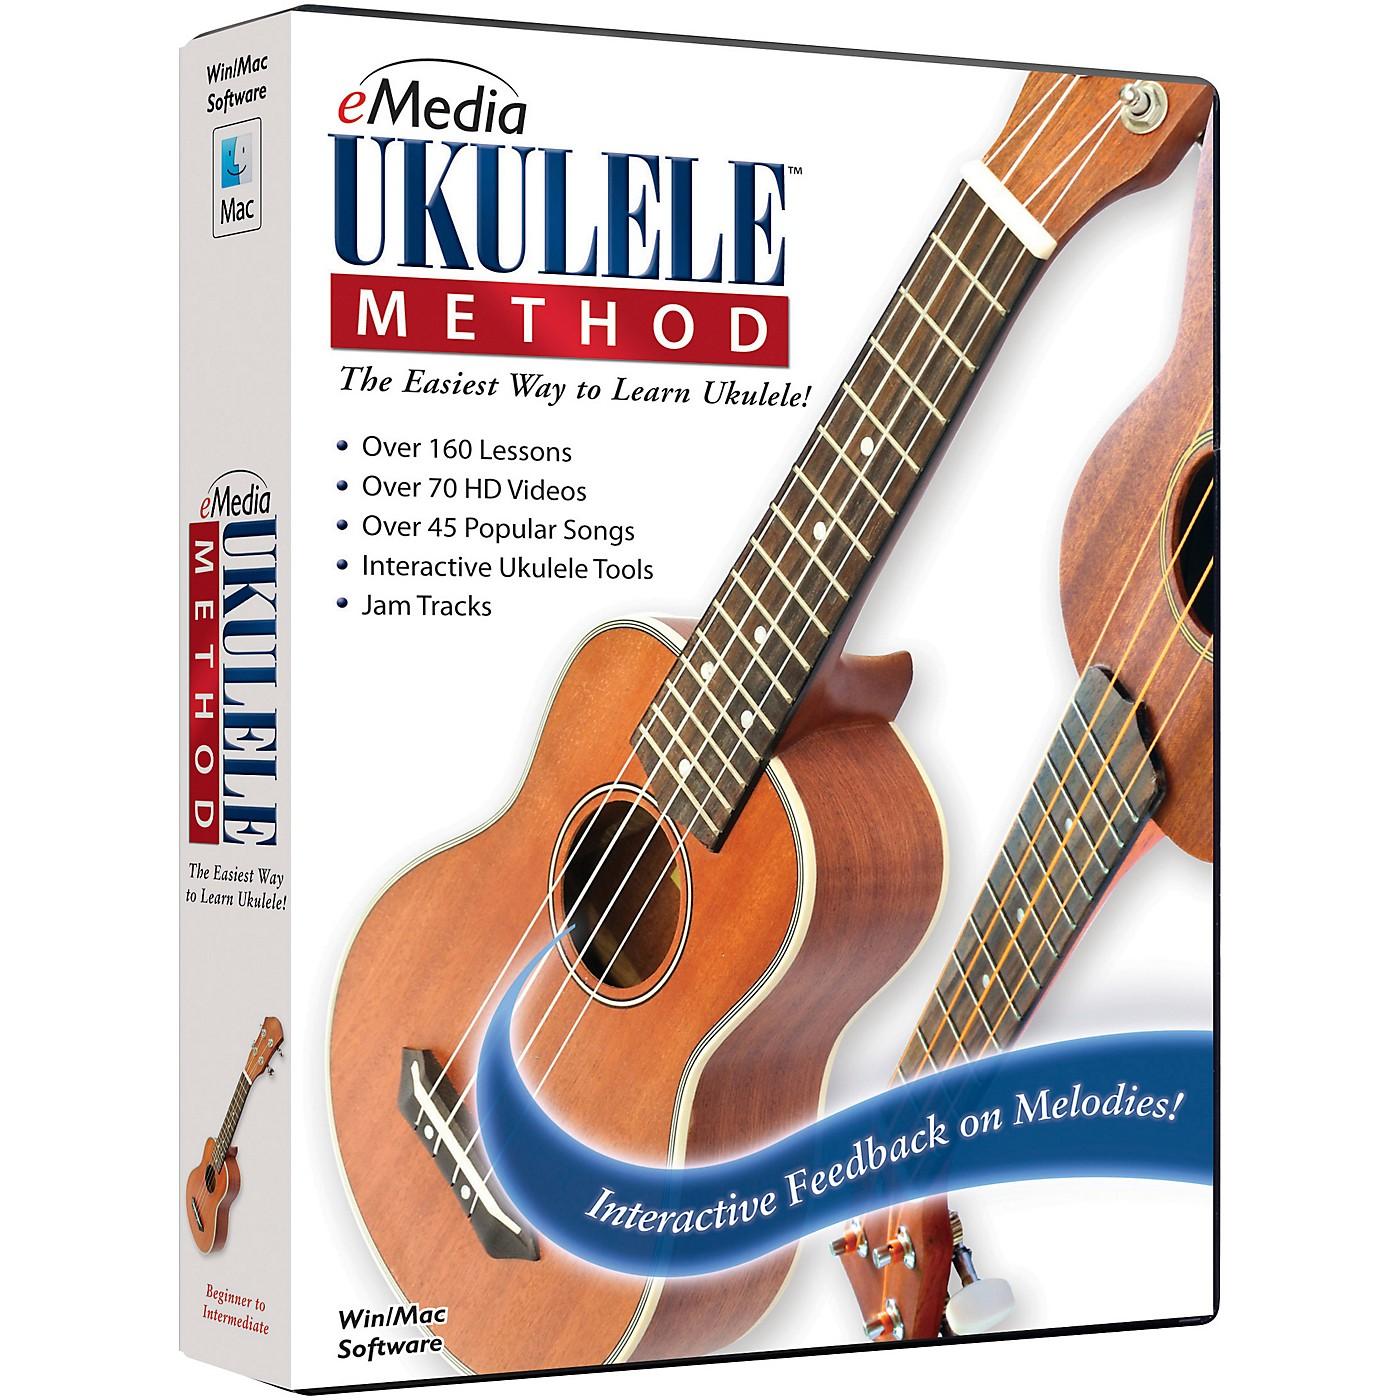 eMedia Ukulele Method thumbnail